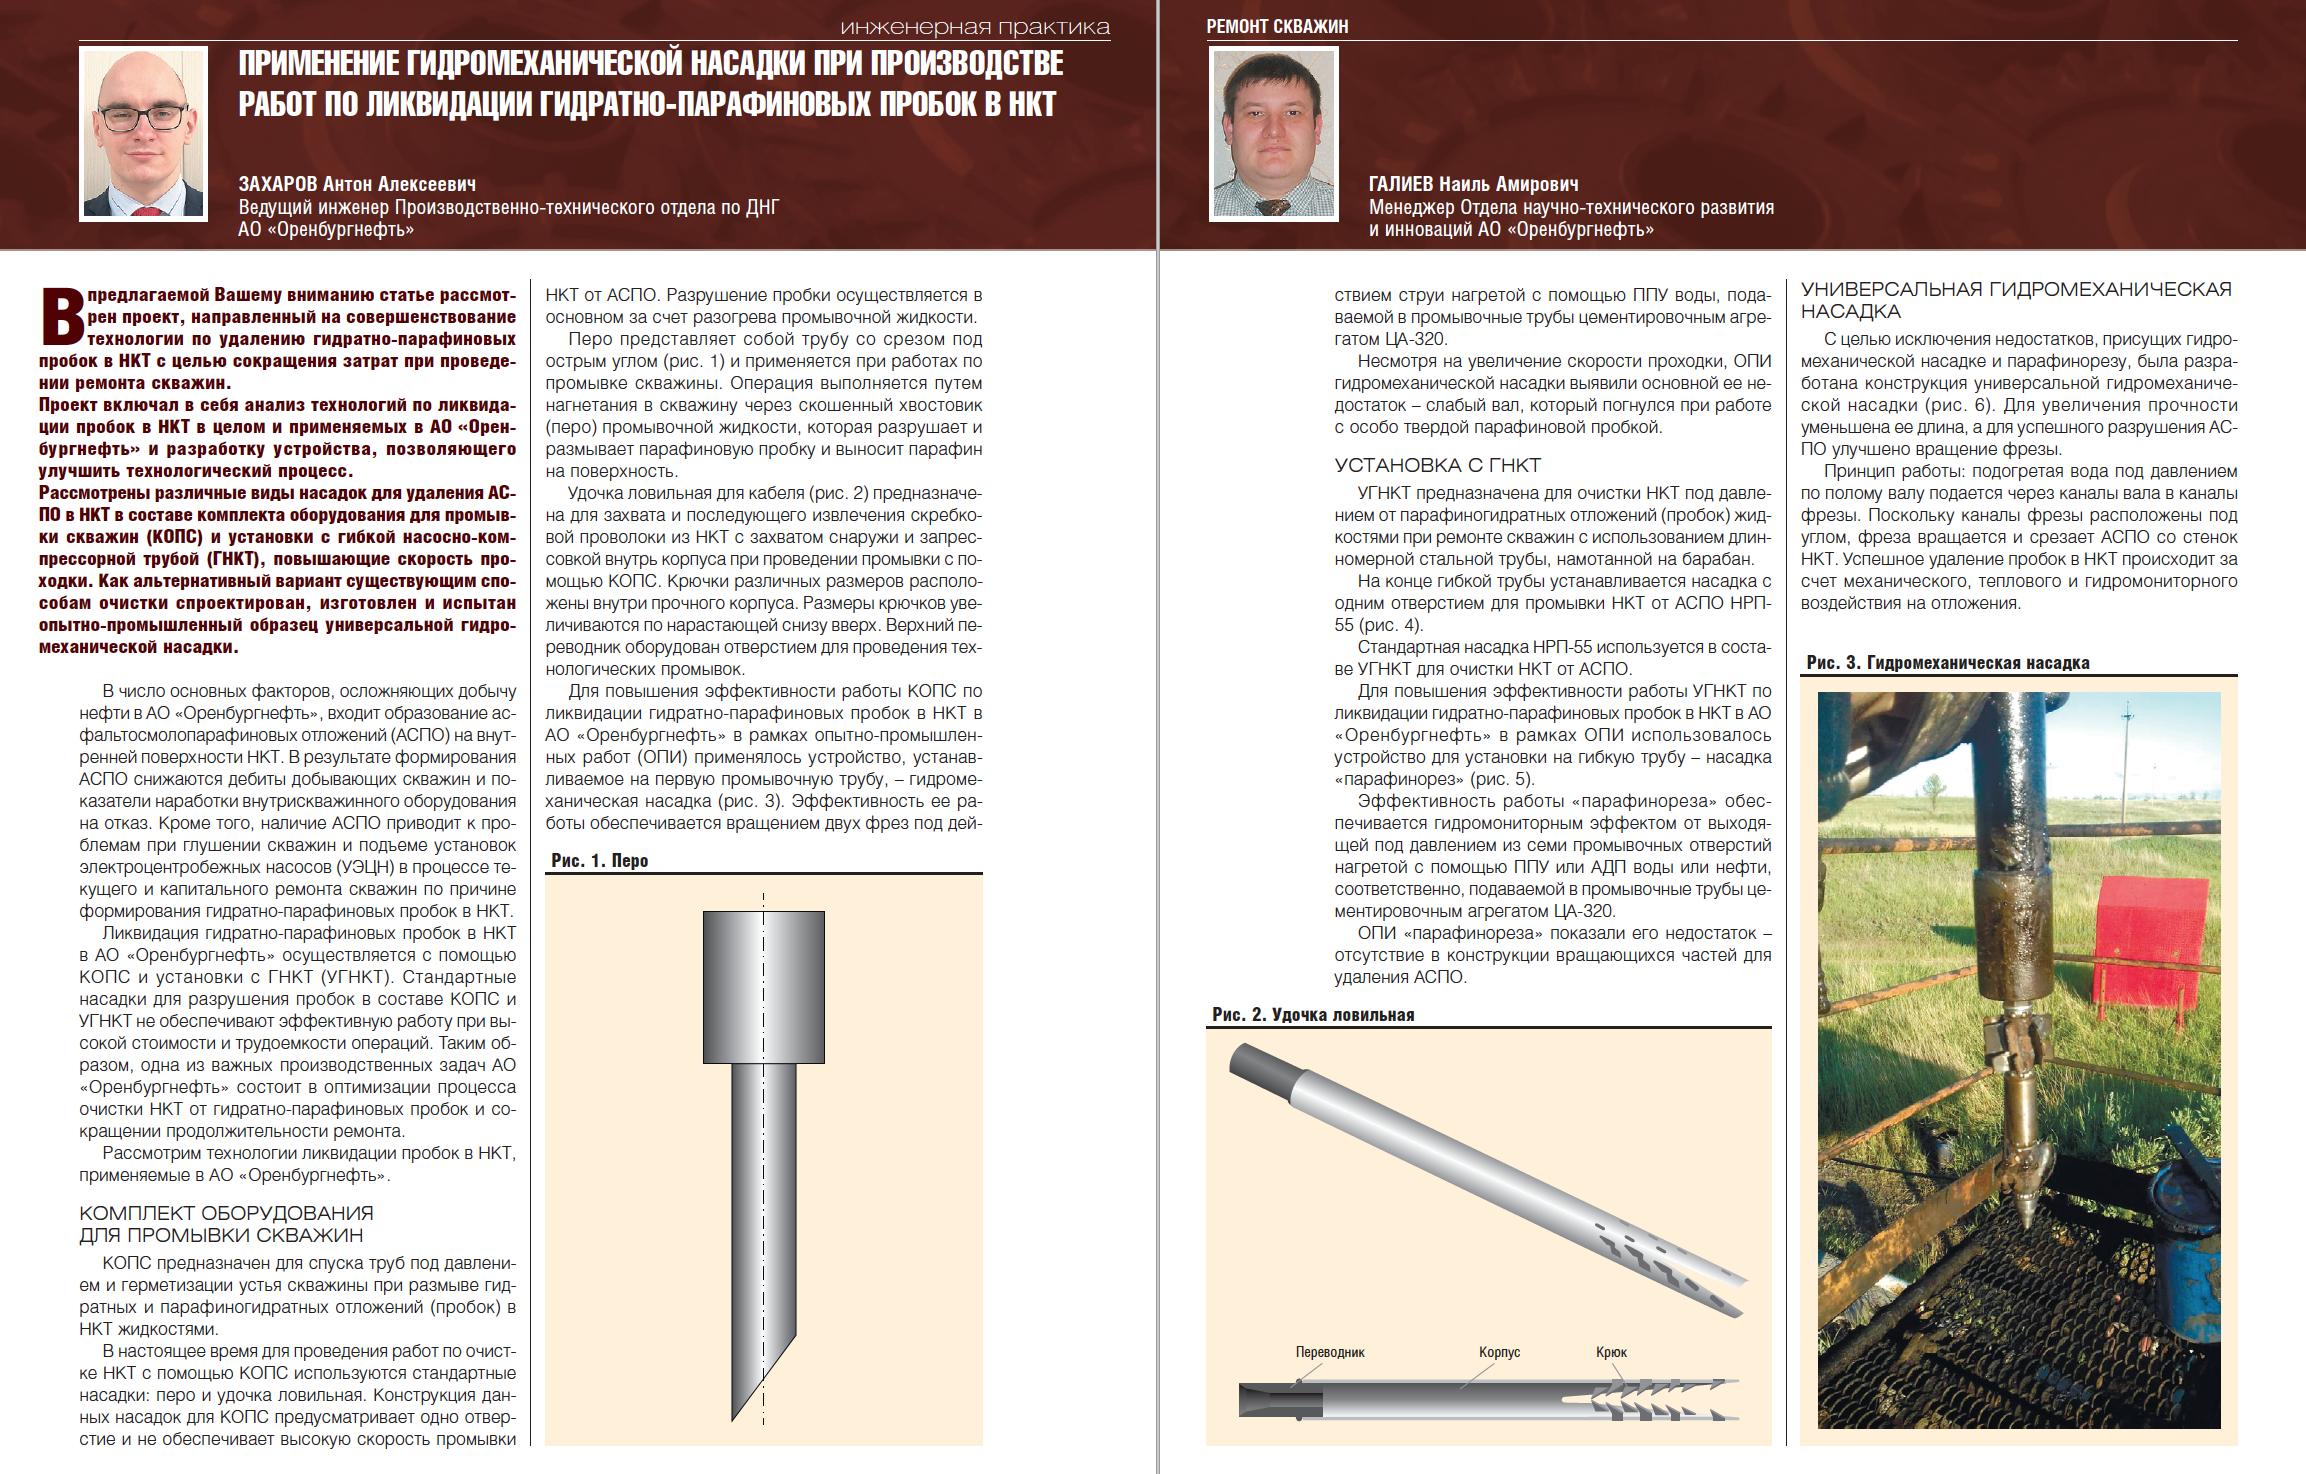 28183 Применение гидромеханической насадки при производстве работ по ликвидации гидратно-парафиновых пробок в НКТ